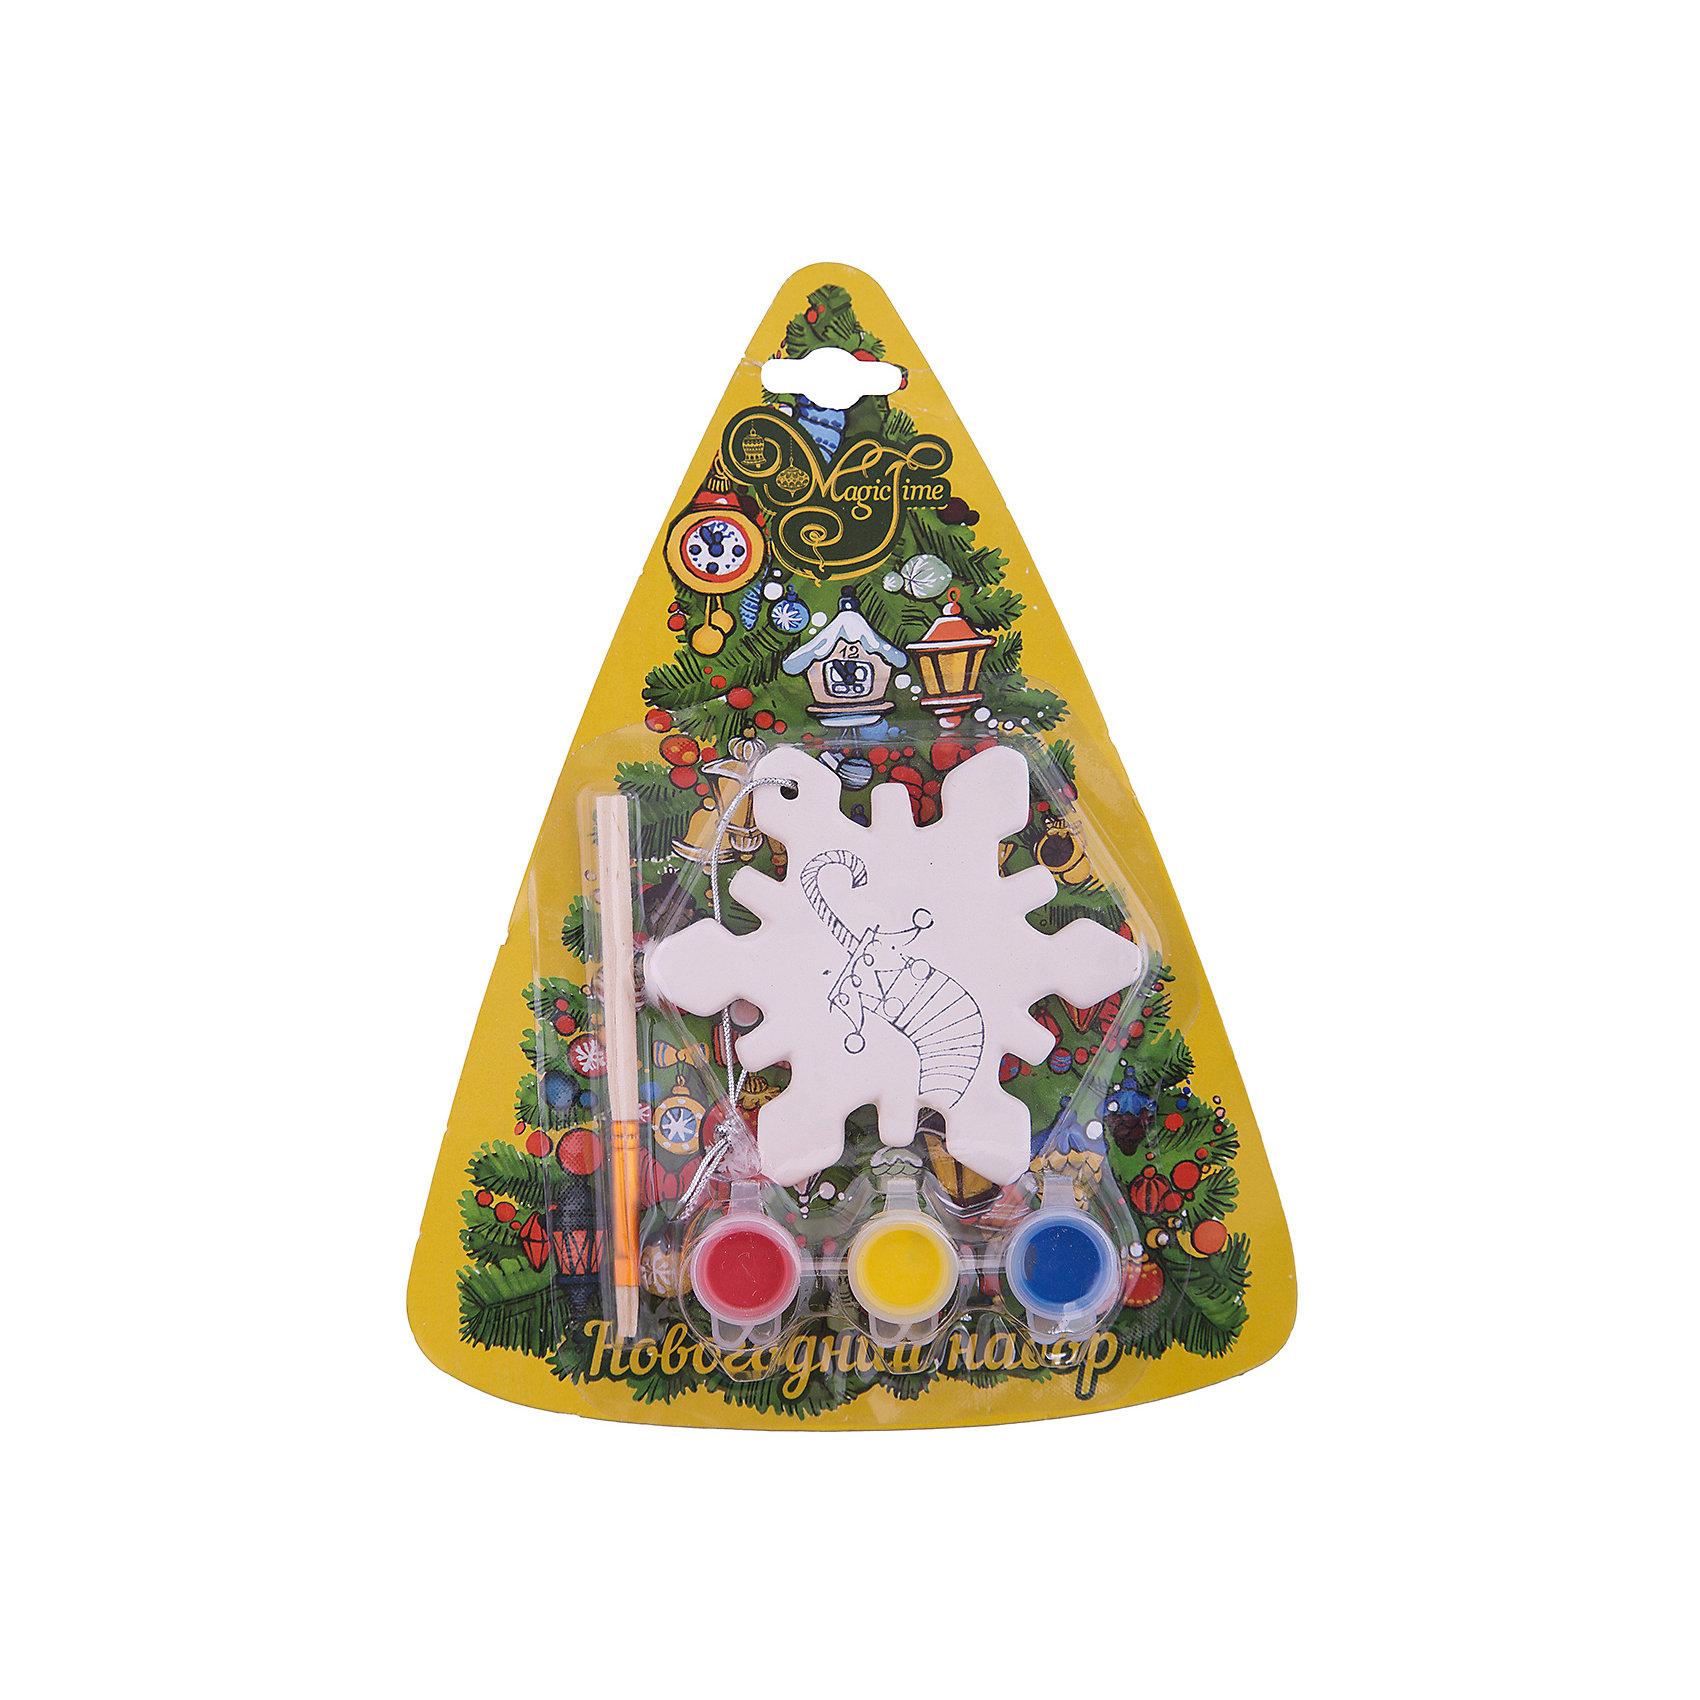 Набор для творчества СнежинкаНабор для творчества Снежинка включает в себя все для создания оригинальной новогодней поделки. Яркие краски хорошо ложатся на поверхность фигурки и быстро сохнут. Фигурка, раскрашенная своими руками станет прекрасным украшением новогодней елки. Отличный вариант для новогоднего подарка! <br><br>Дополнительная информация:<br><br>- Материал: доломитовая керамика, акварельные краски, пластик. <br>- Размер: 9х1х9 см. <br>- Комплектация: фигурка, кисть, краски (3 цвета). <br><br>Набор для творчества Снежинка можно купить в нашем магазине.<br><br>Ширина мм: 40<br>Глубина мм: 32<br>Высота мм: 75<br>Вес г: 400<br>Возраст от месяцев: 36<br>Возраст до месяцев: 2147483647<br>Пол: Унисекс<br>Возраст: Детский<br>SKU: 4981334